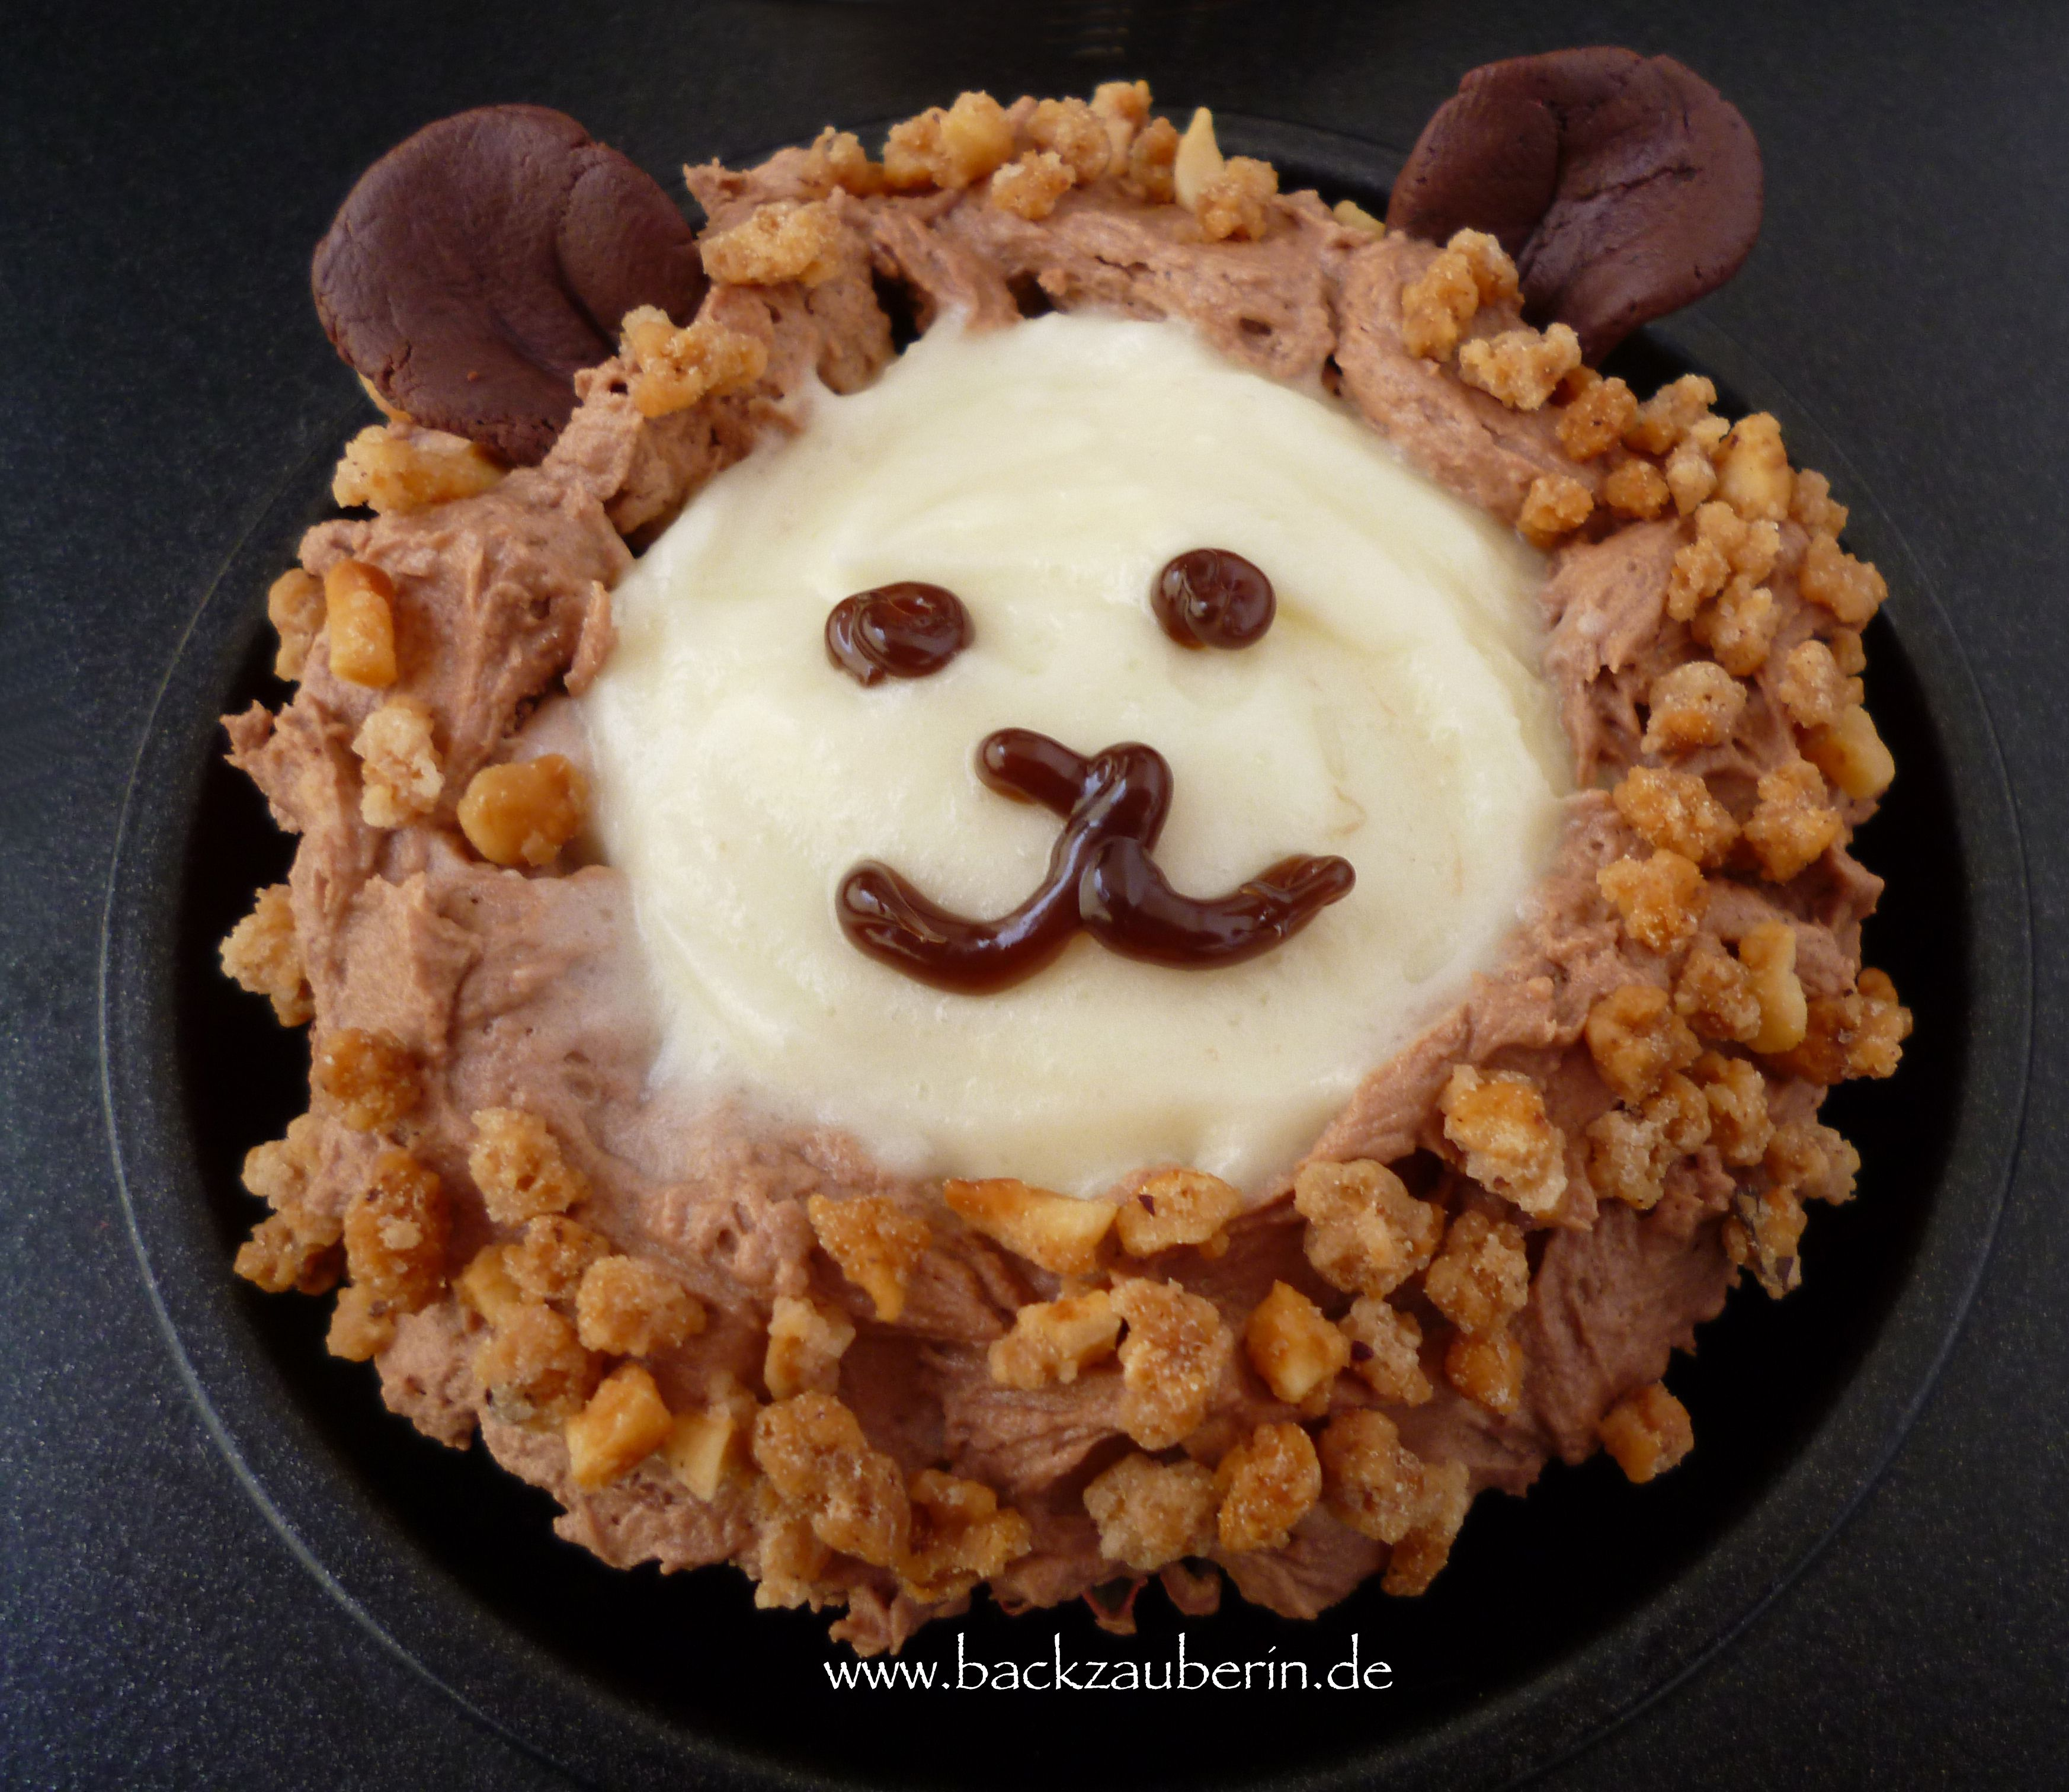 Marvelous Cupcake mit L wengesicht lion cupcake Zum Rezept Find the recipe here http